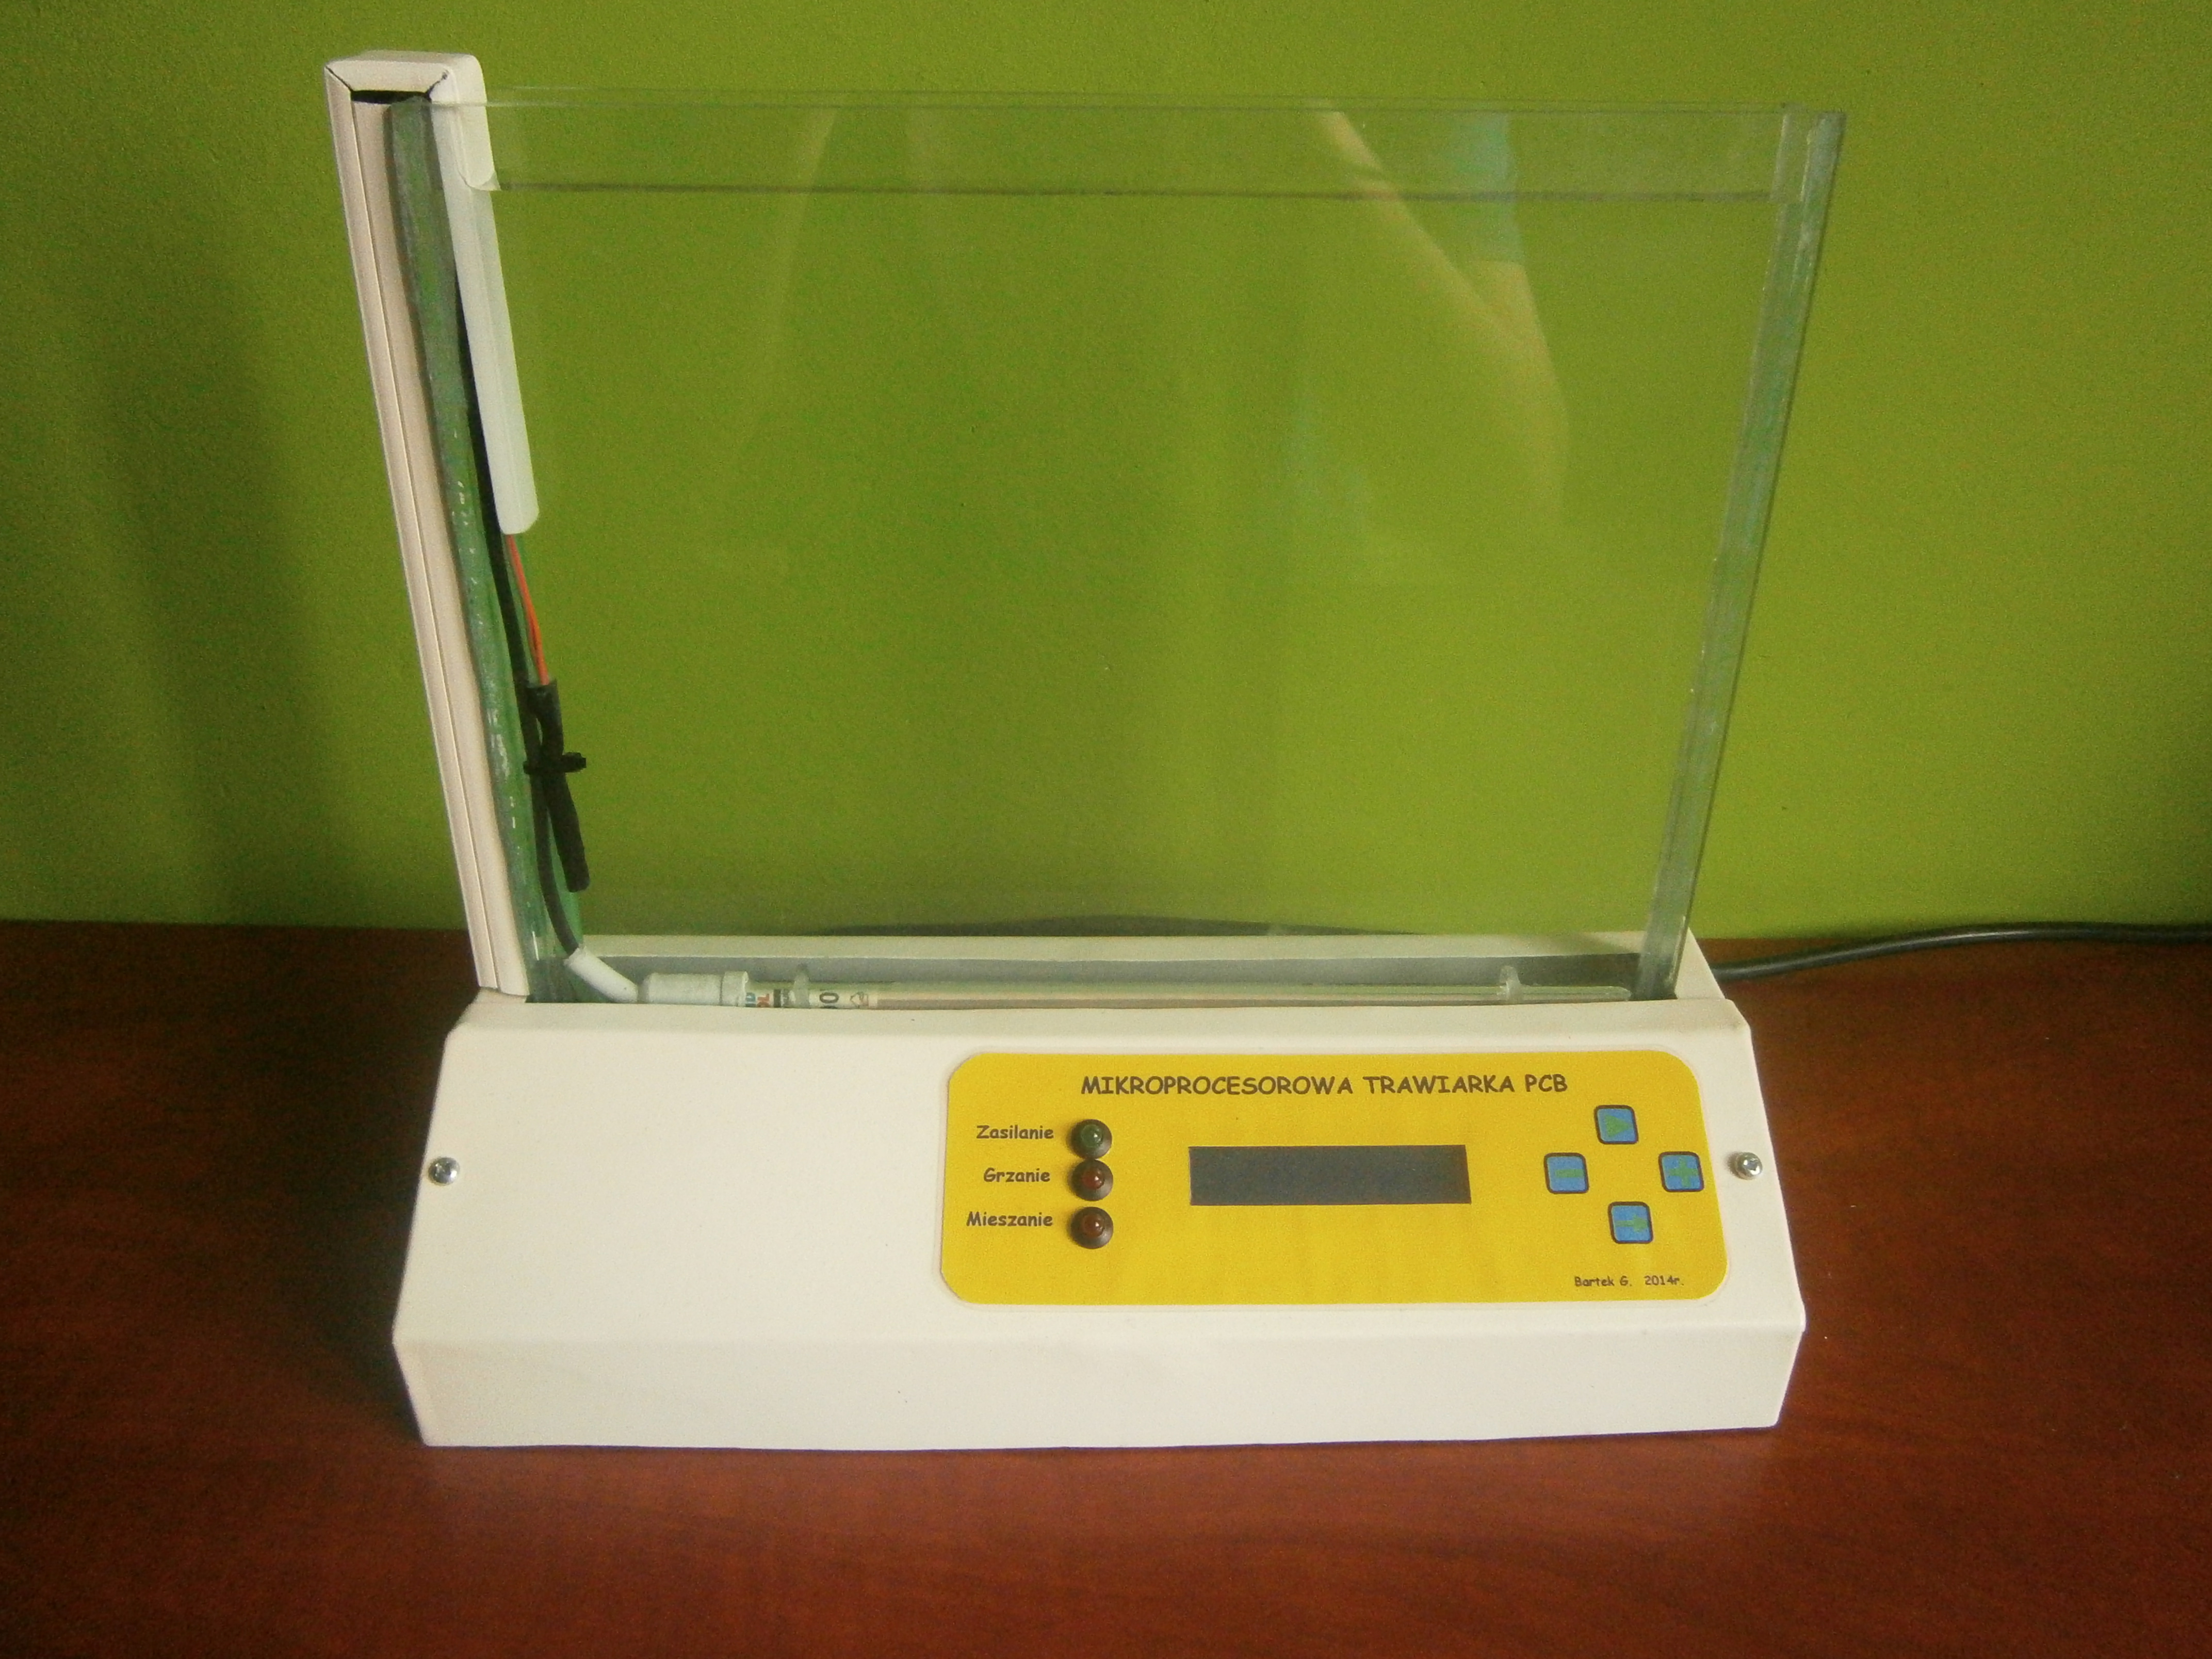 Mikroprocesorowa Trawiarka PCB